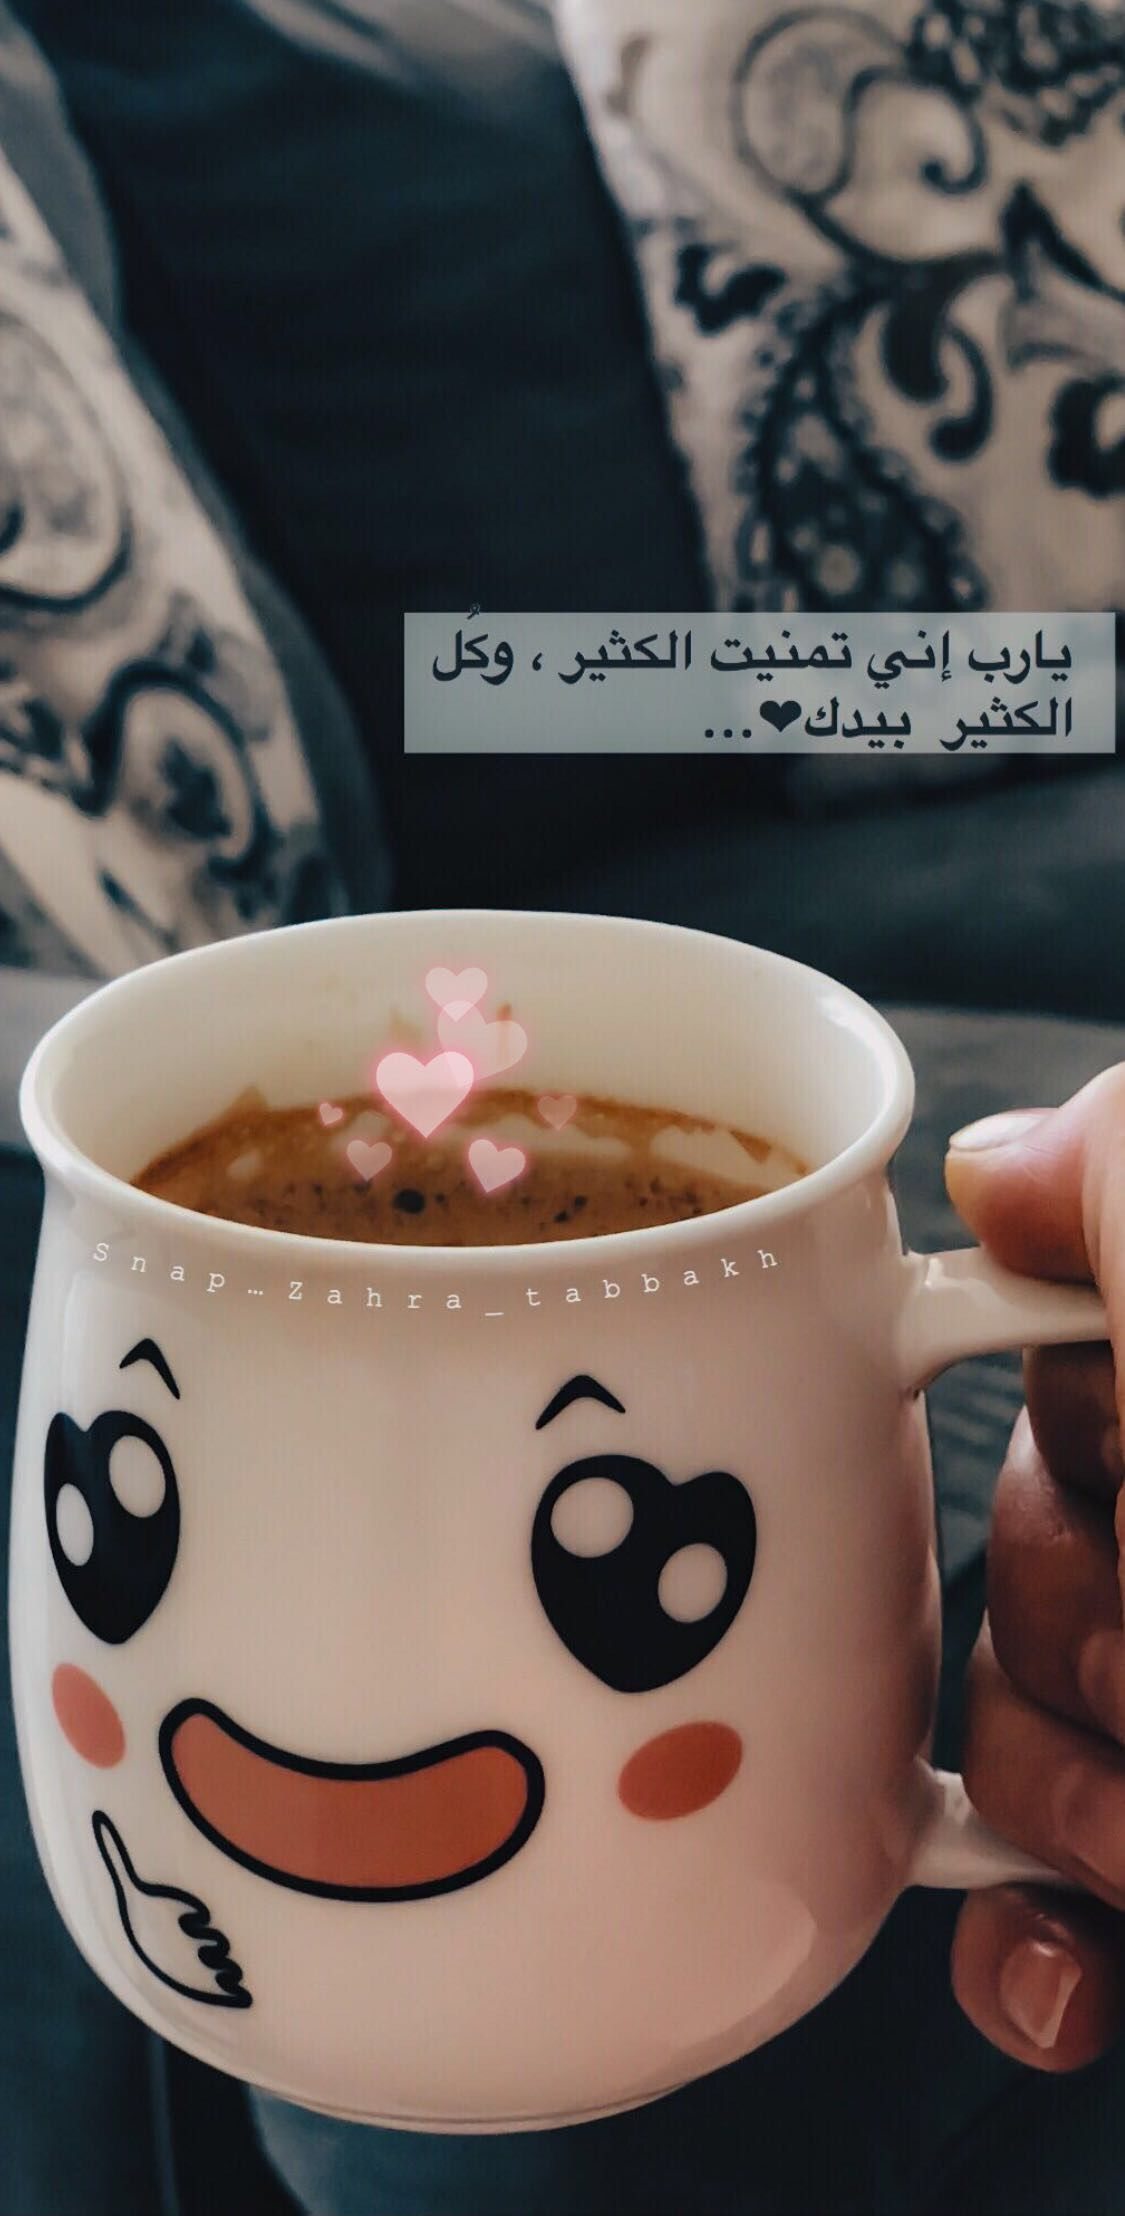 يارب Arabic English Quotes Snapchat Quotes Arabic Quotes